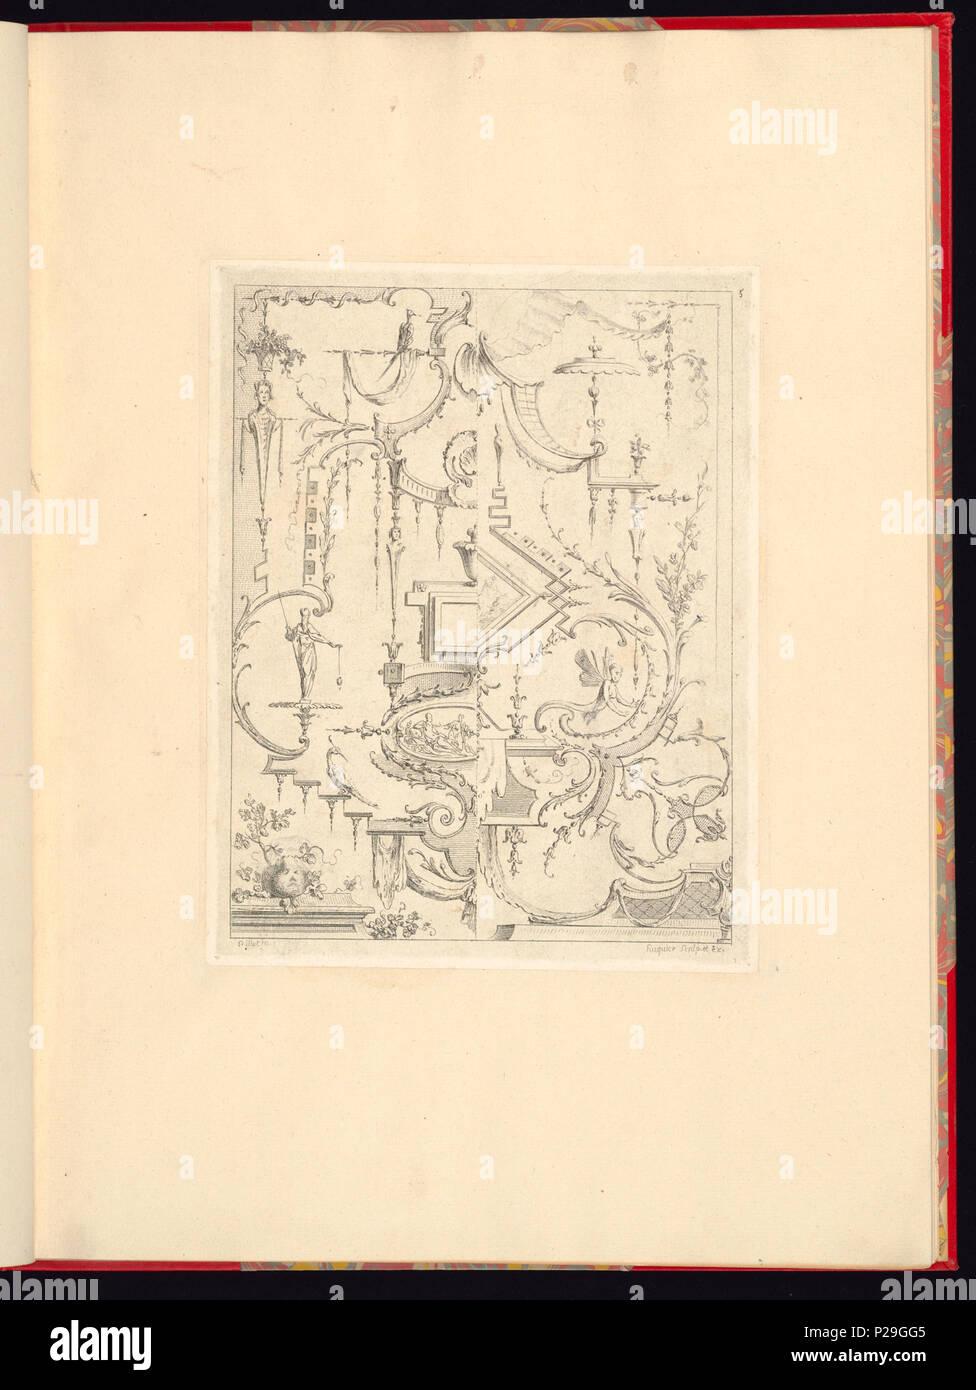 268 Imprimir, Nouveau livre de principes d'ornements particulièrement pour trouver ONU nombre infini de tormes qui dependiente, d'après les dessins de Gillot. Peintre du Roy gravé par Huquier; pl. 5 (CH) 18272757 Foto de stock